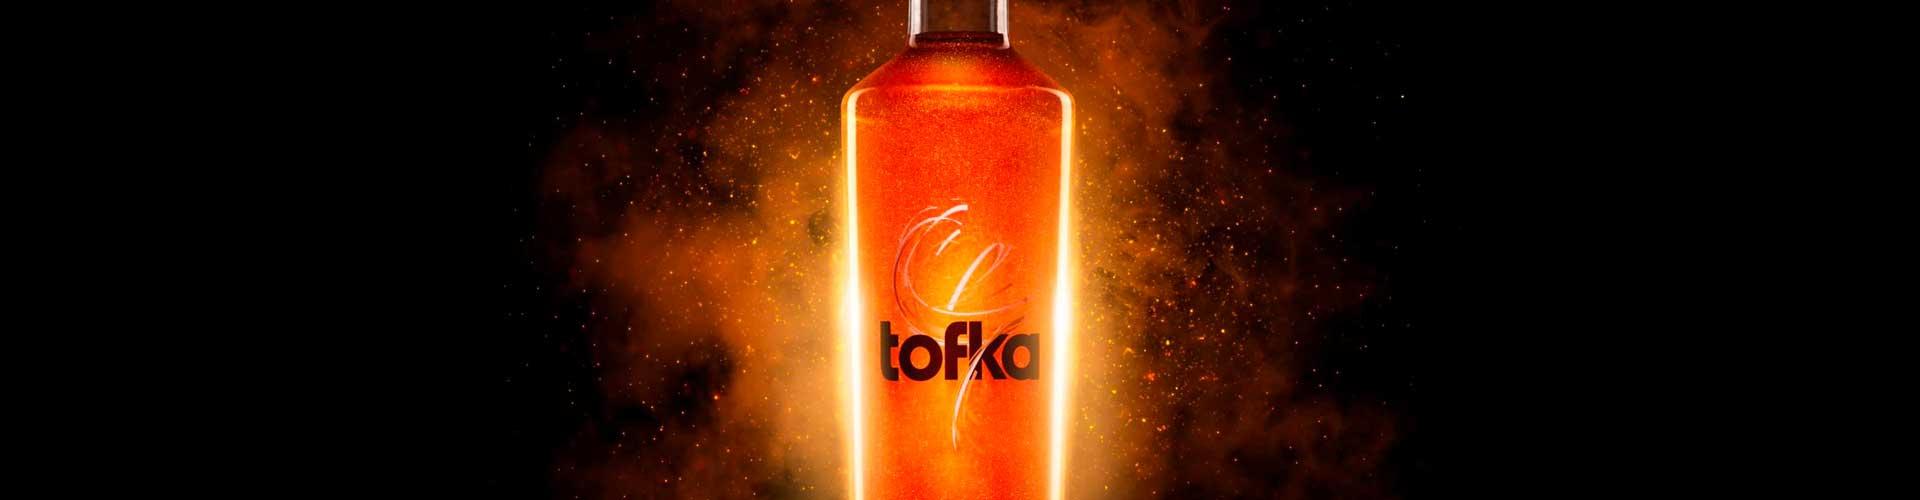 Tofka